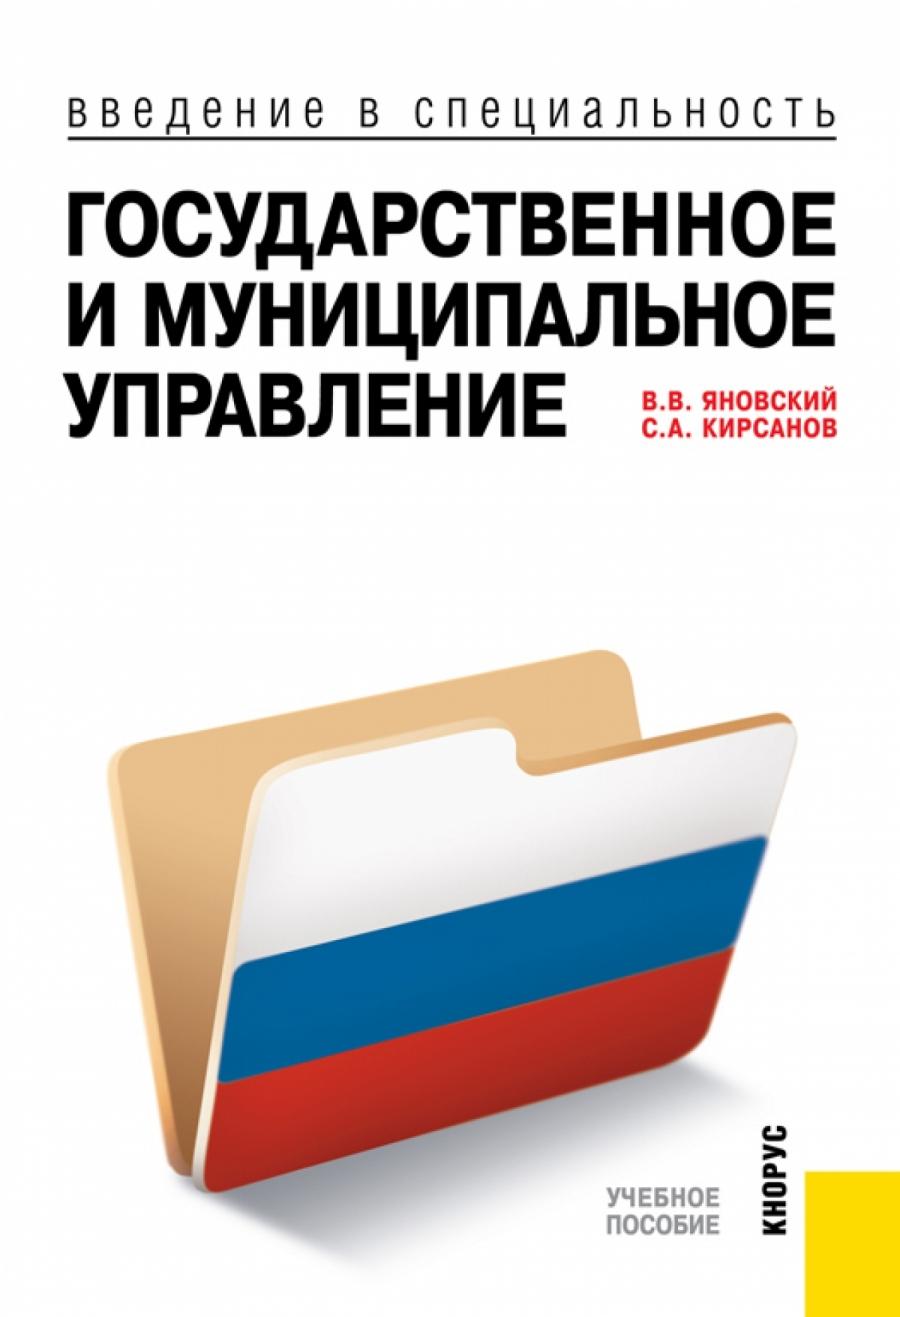 Обложка книги:  яновский в.в., кирсанов с.а. - государственное и муниципальное управление